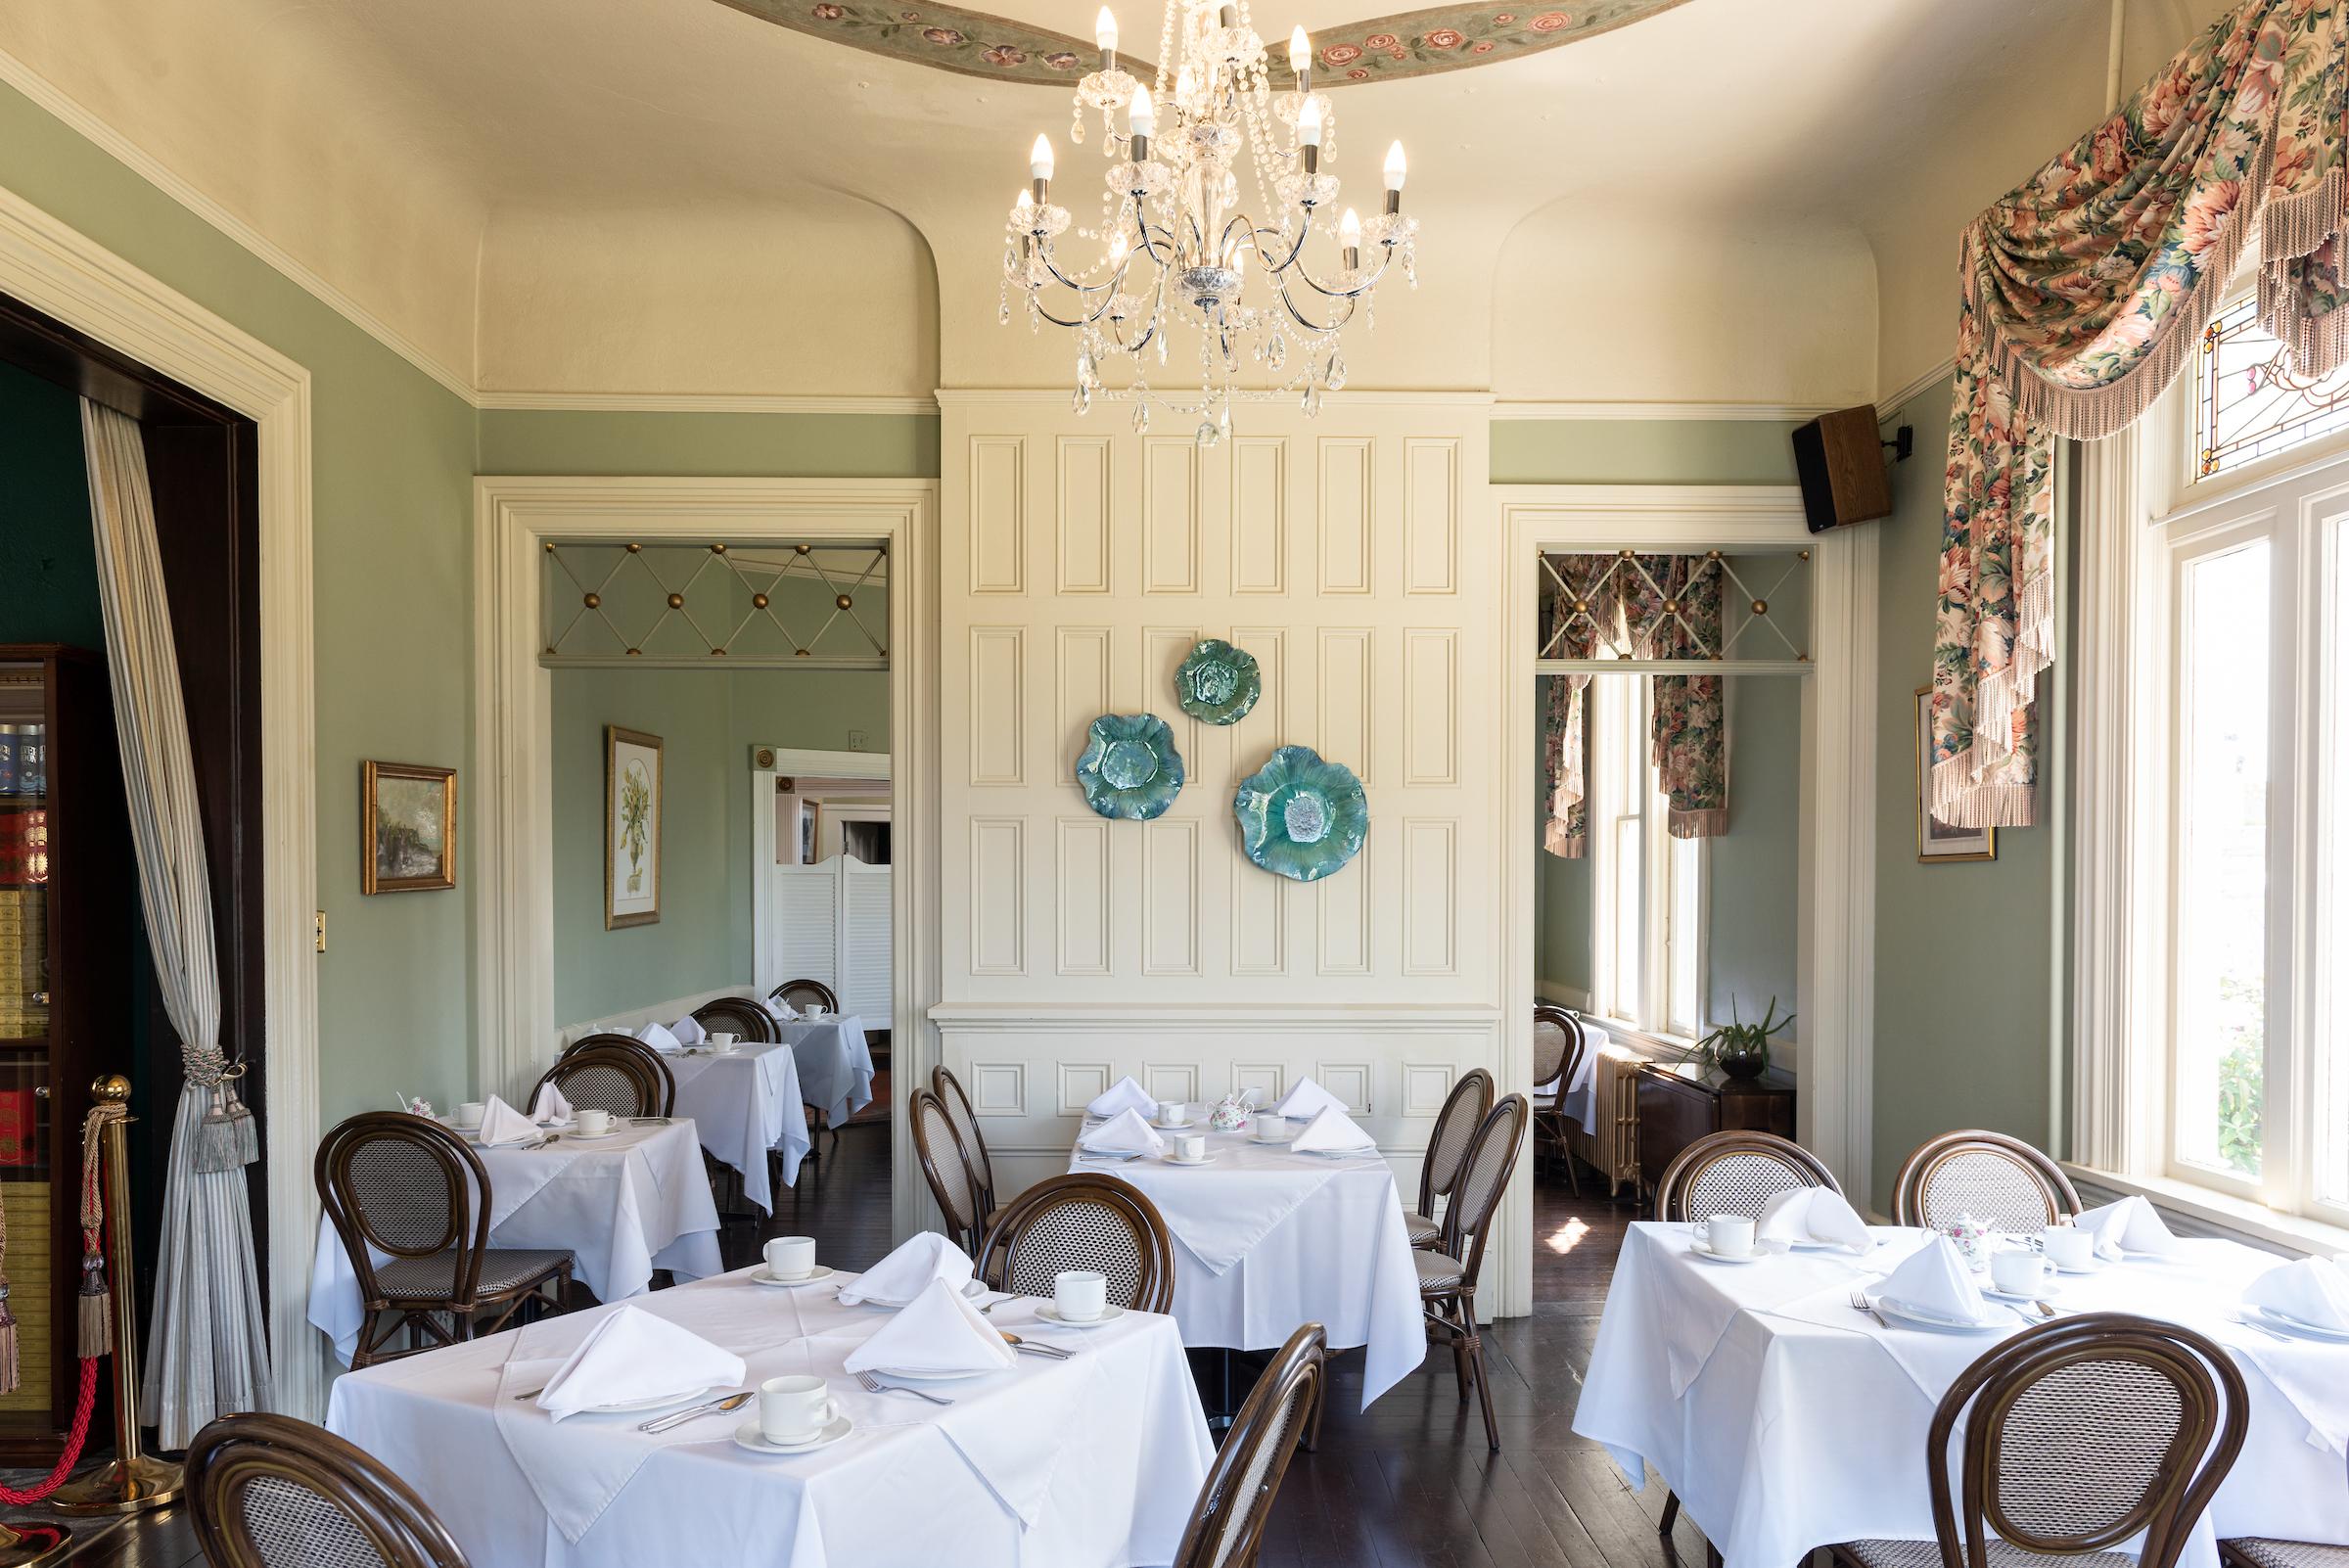 Huntingdon_tearoom-163.jpg